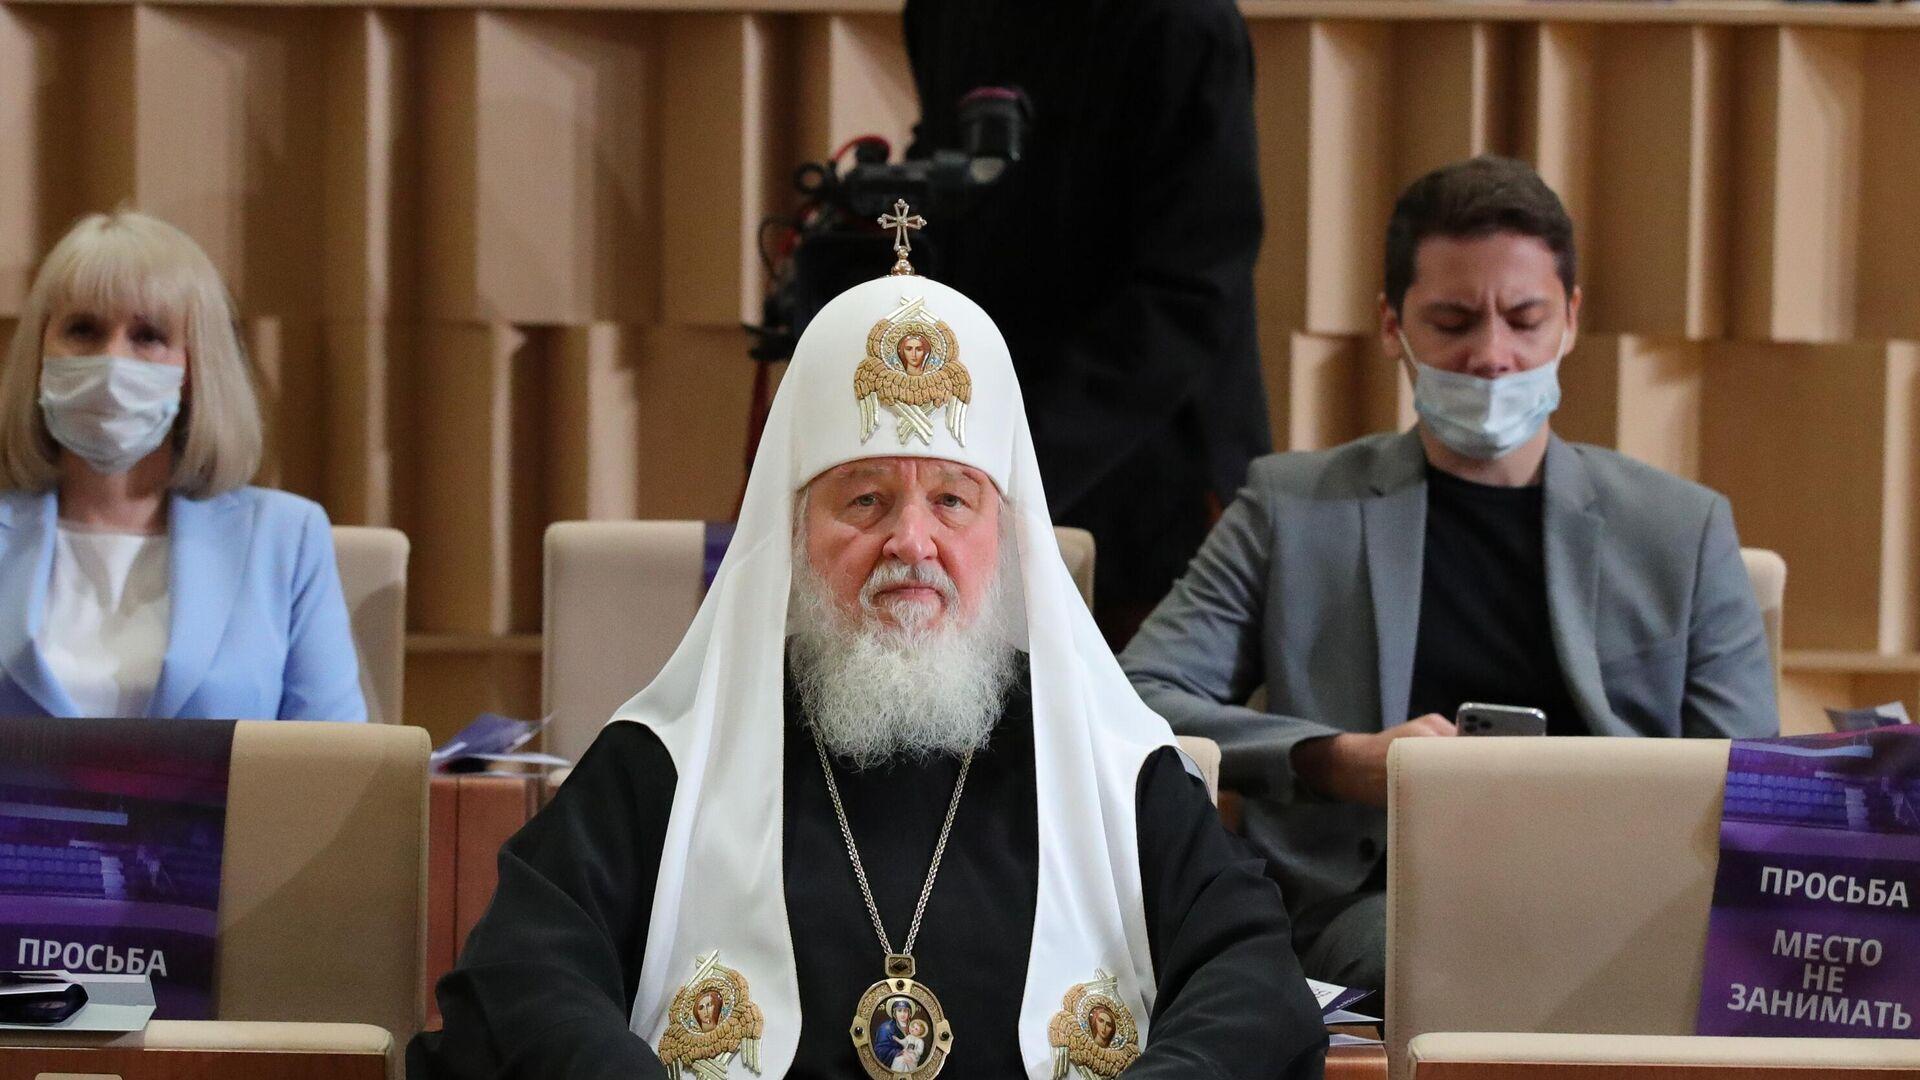 Недвижимость патриарха в россии и за рубежом квартира в чехии купить